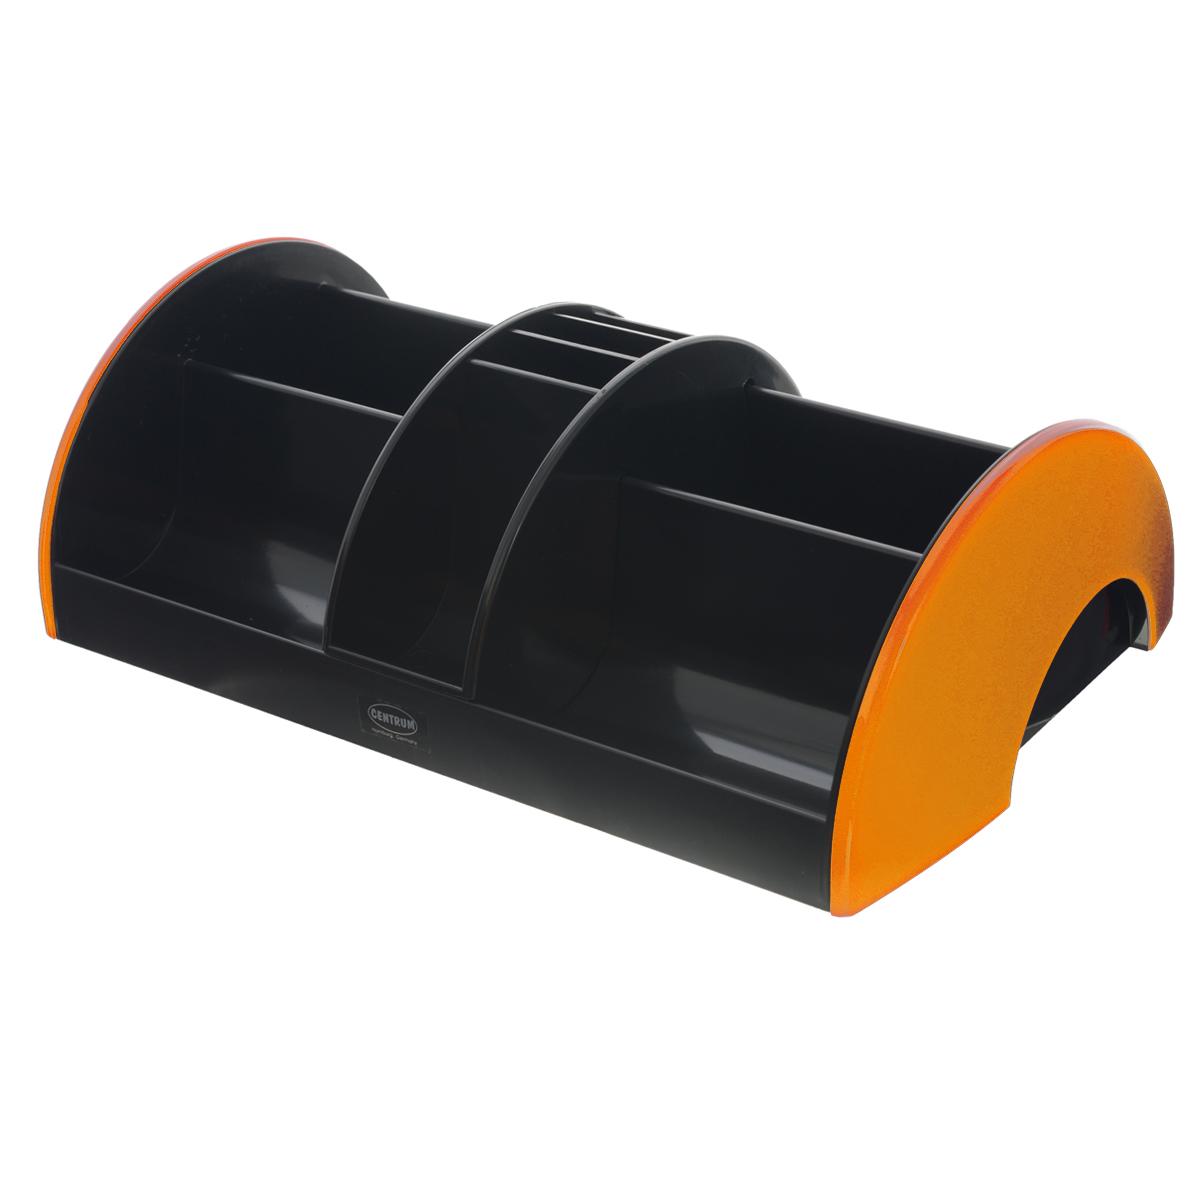 Подставка настольная Centrum, цвет: черный, оранжевый83902_оранжПодставка Centrum - незаменимый атрибут рабочего стола. Она выполнена из высококачественного пластика и содержит 3 отделения для пишущих принадлежностей, линеек, ластиков, блоков для заметок.Подставка оснащена съемной секцией с подвижным механизмом, благодаря которой вы сможете регулировать ее рабочее пространство. Съемная секция имеет 5 отделений. Разместив ее на подставке, вы получите 11 отделений.Настольная подставка Centrum призвана не только сохранить письменные принадлежности в порядке, но и разнообразить привычную обстановку рабочего стола.